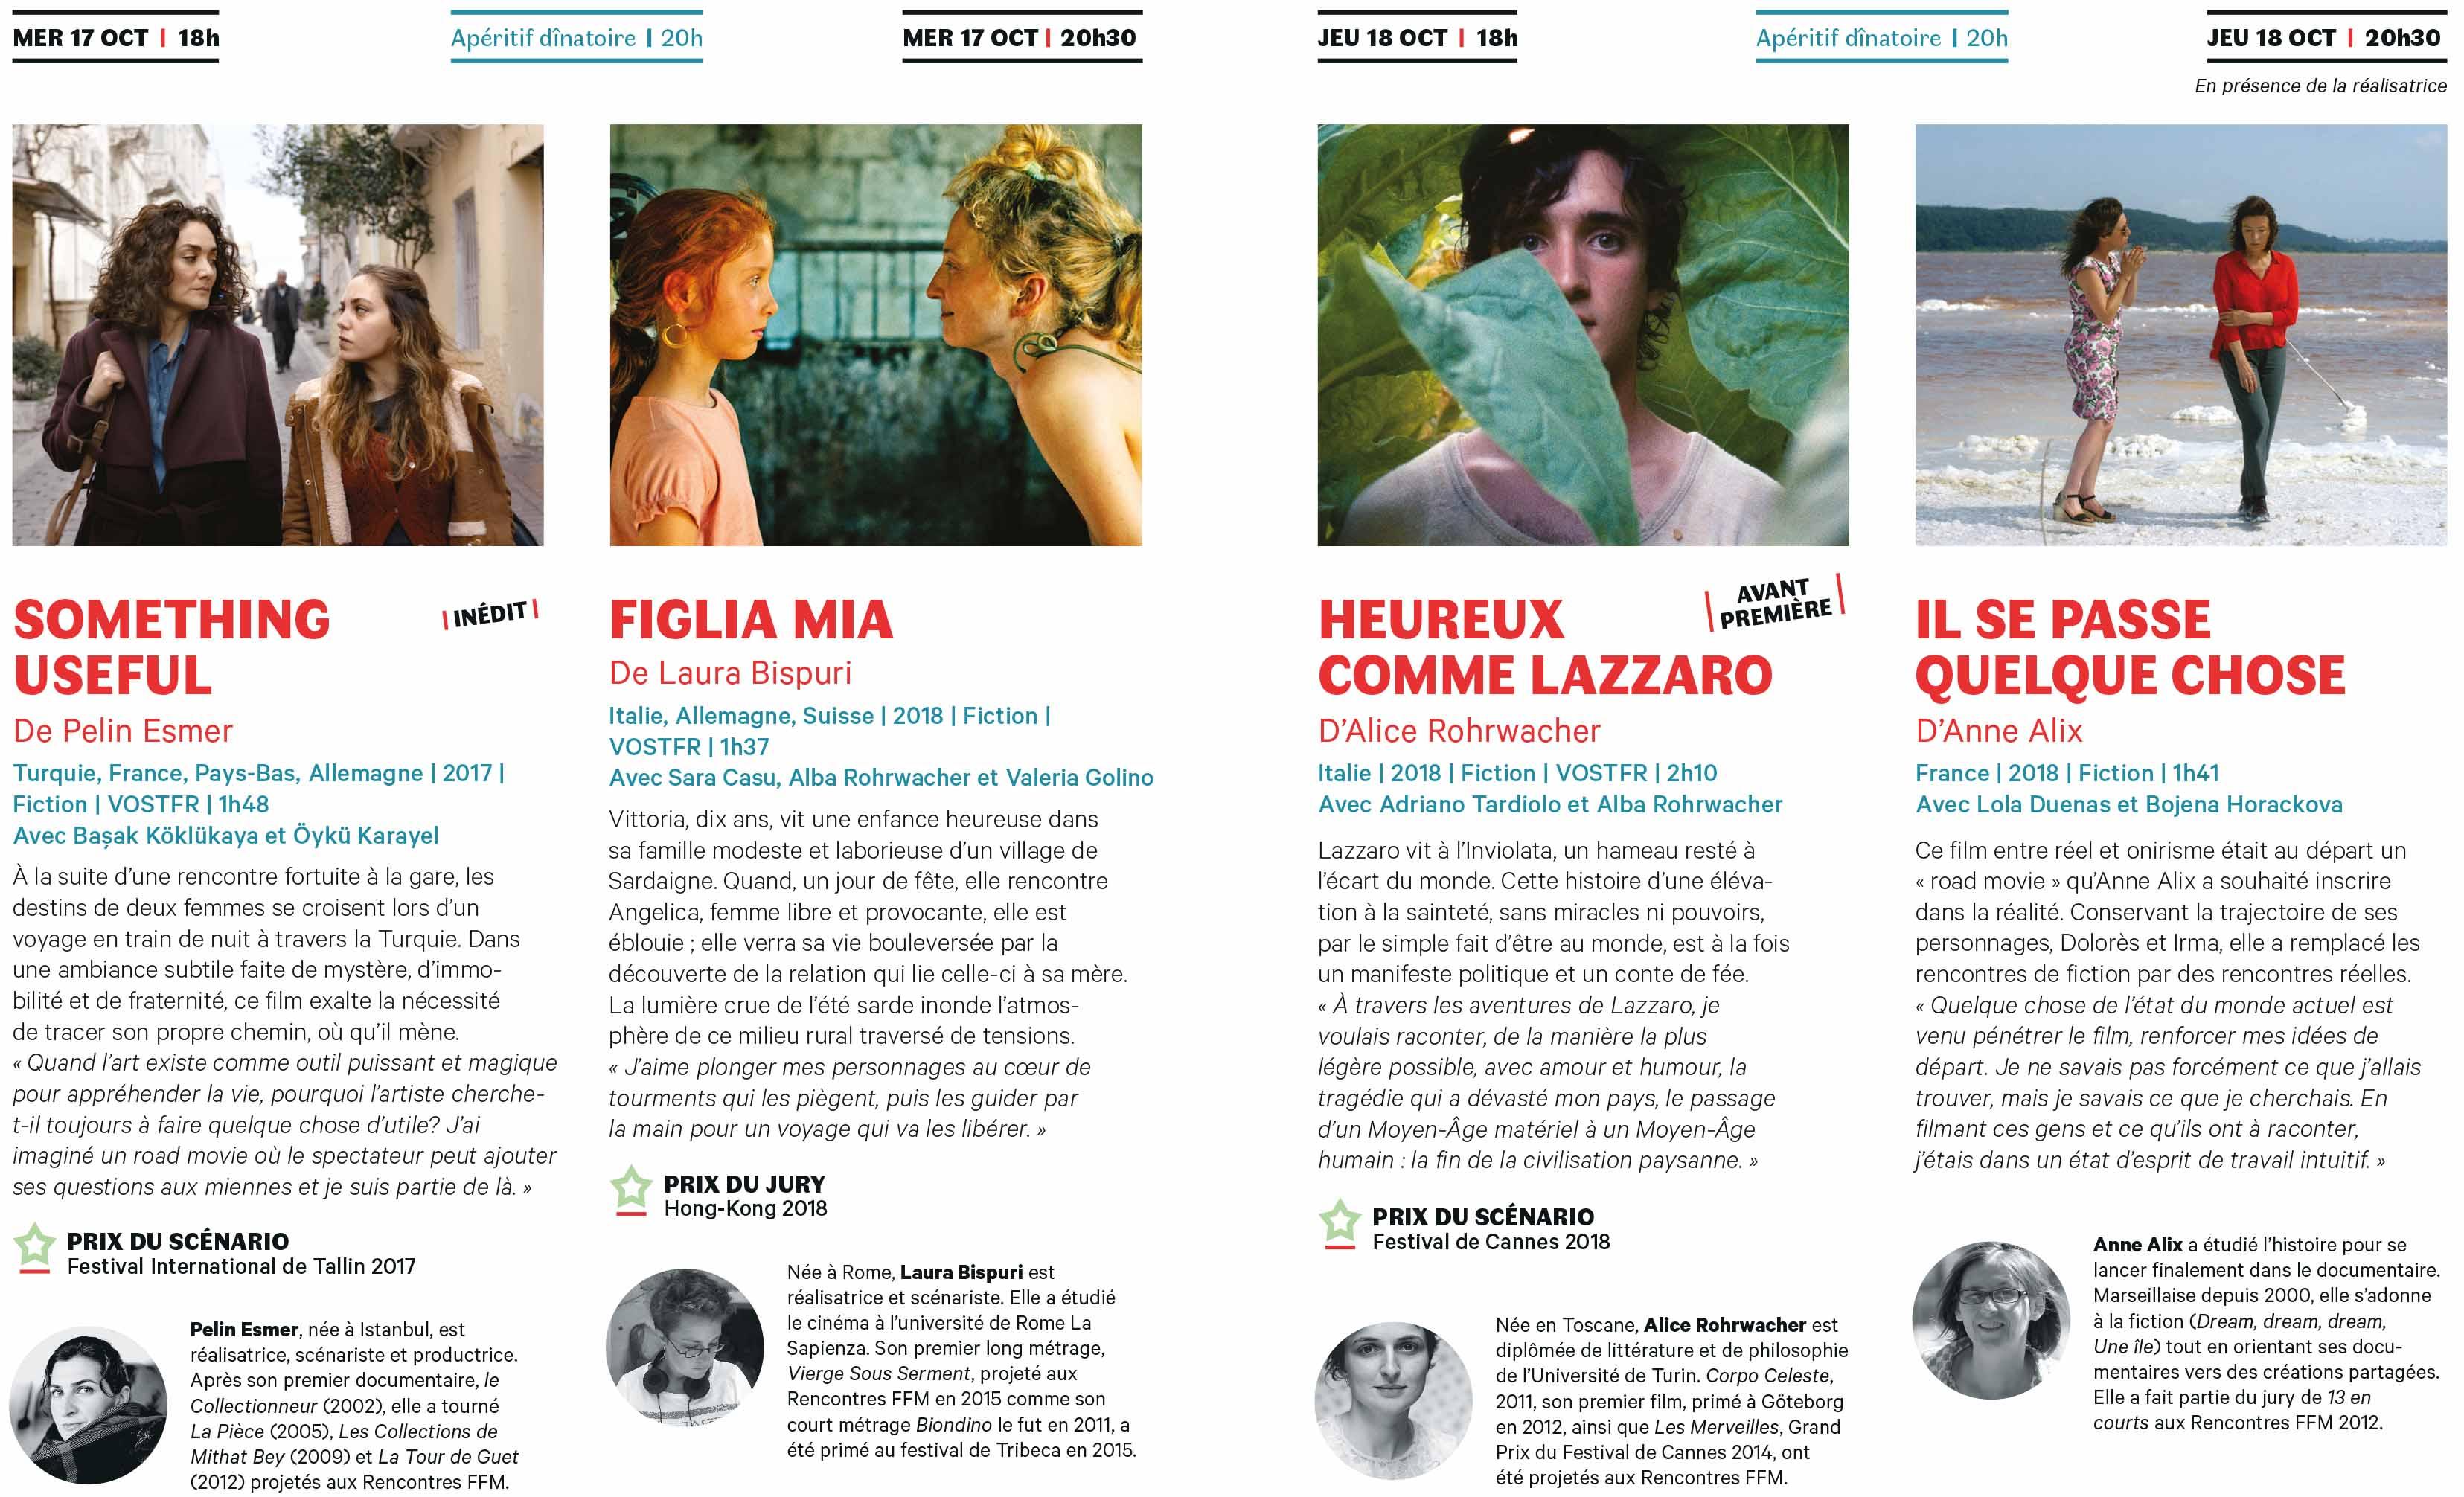 Rencontres Films Femmes Méditerranée | Hyères | 17 - 19 octobre 2018 Rencontres Films Femmes Méditerranée | Hyères | 17 – 19 octobre 2018 depliant hyeres ffm2018 hyeres 2